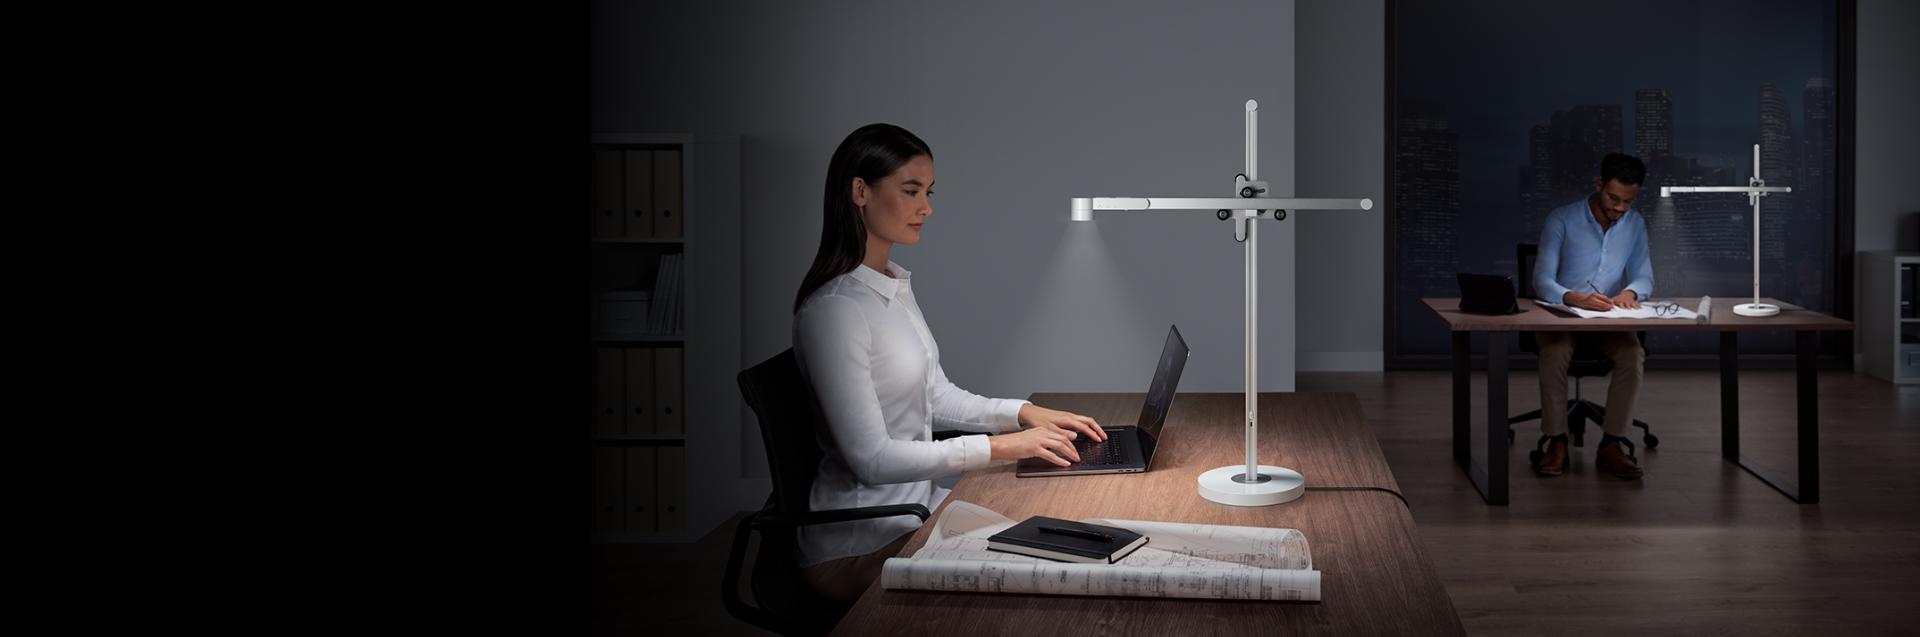 شخصان يستخدمان وحدة الإضاءة المكتبية Dyson Lightcycle في العمل